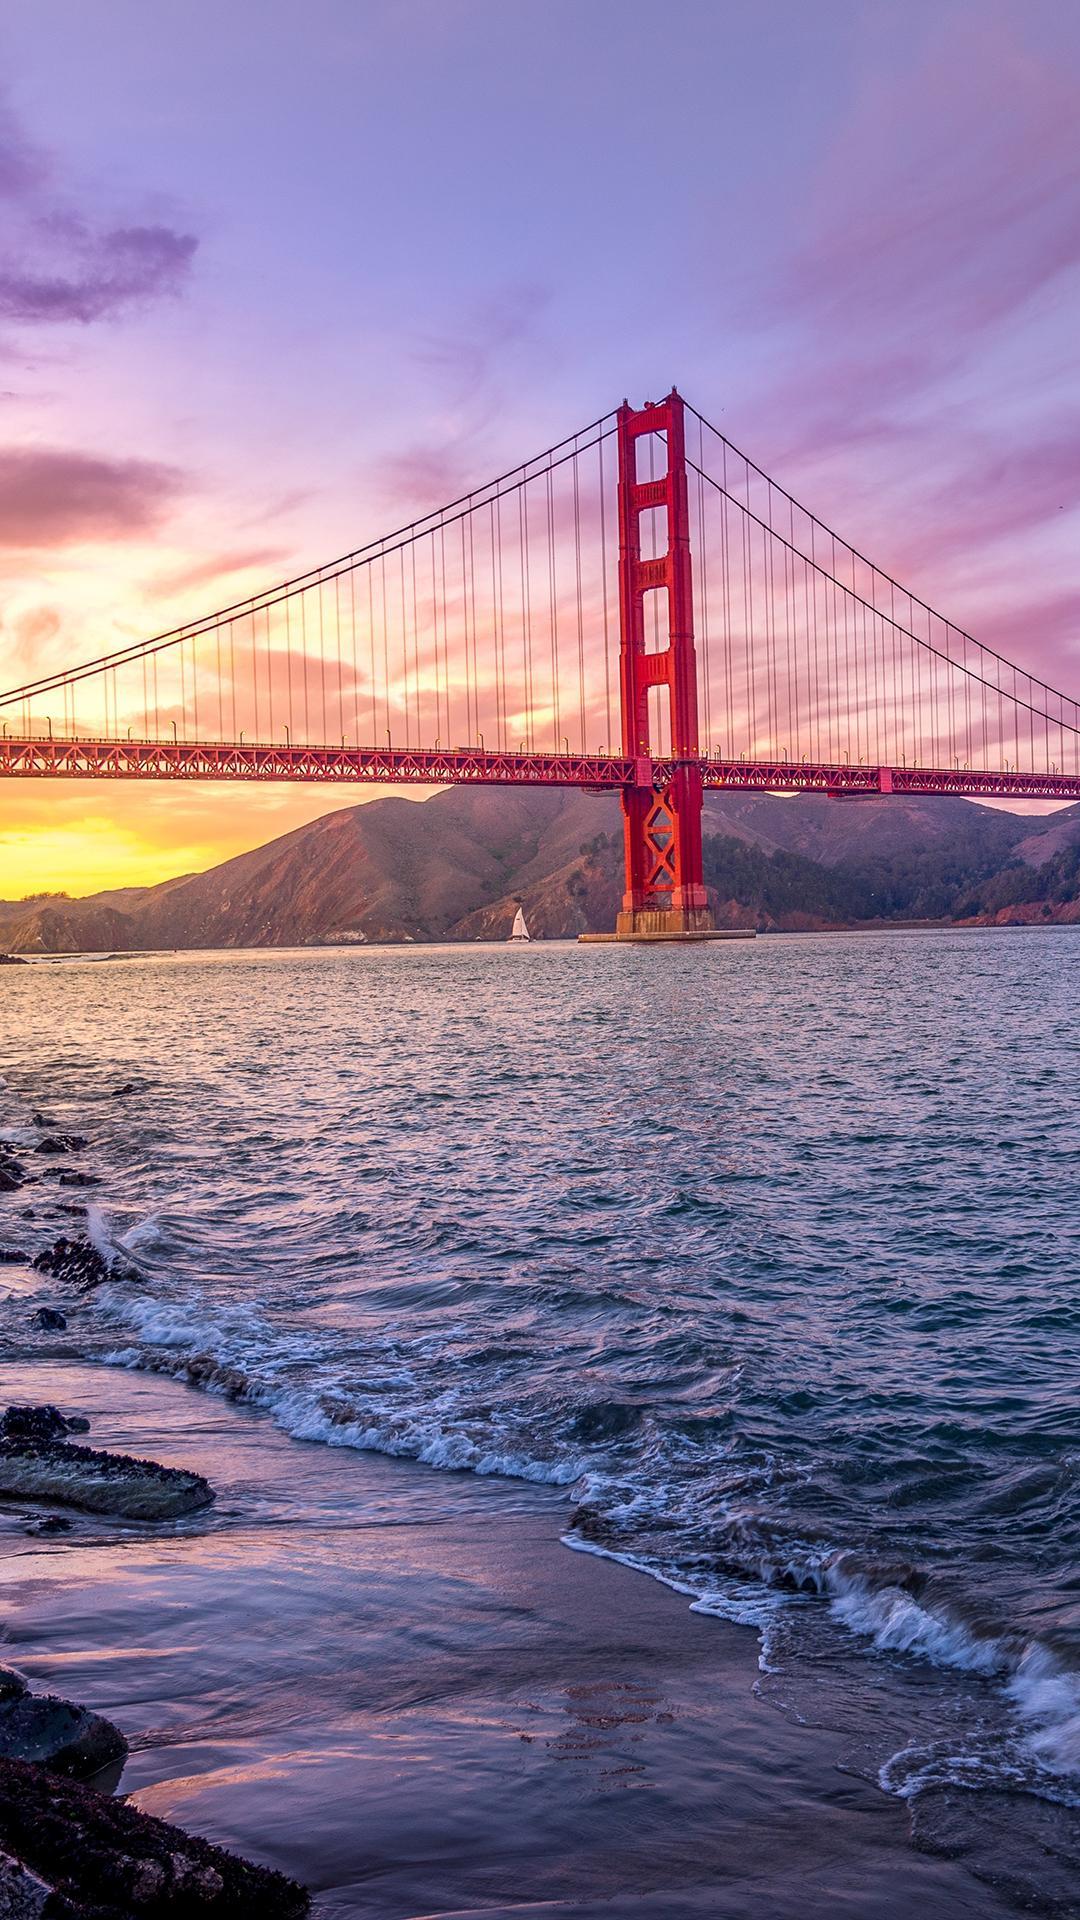 Golden Gate Bridge Iphone Wallpaper Golden Gate Bridge Phone